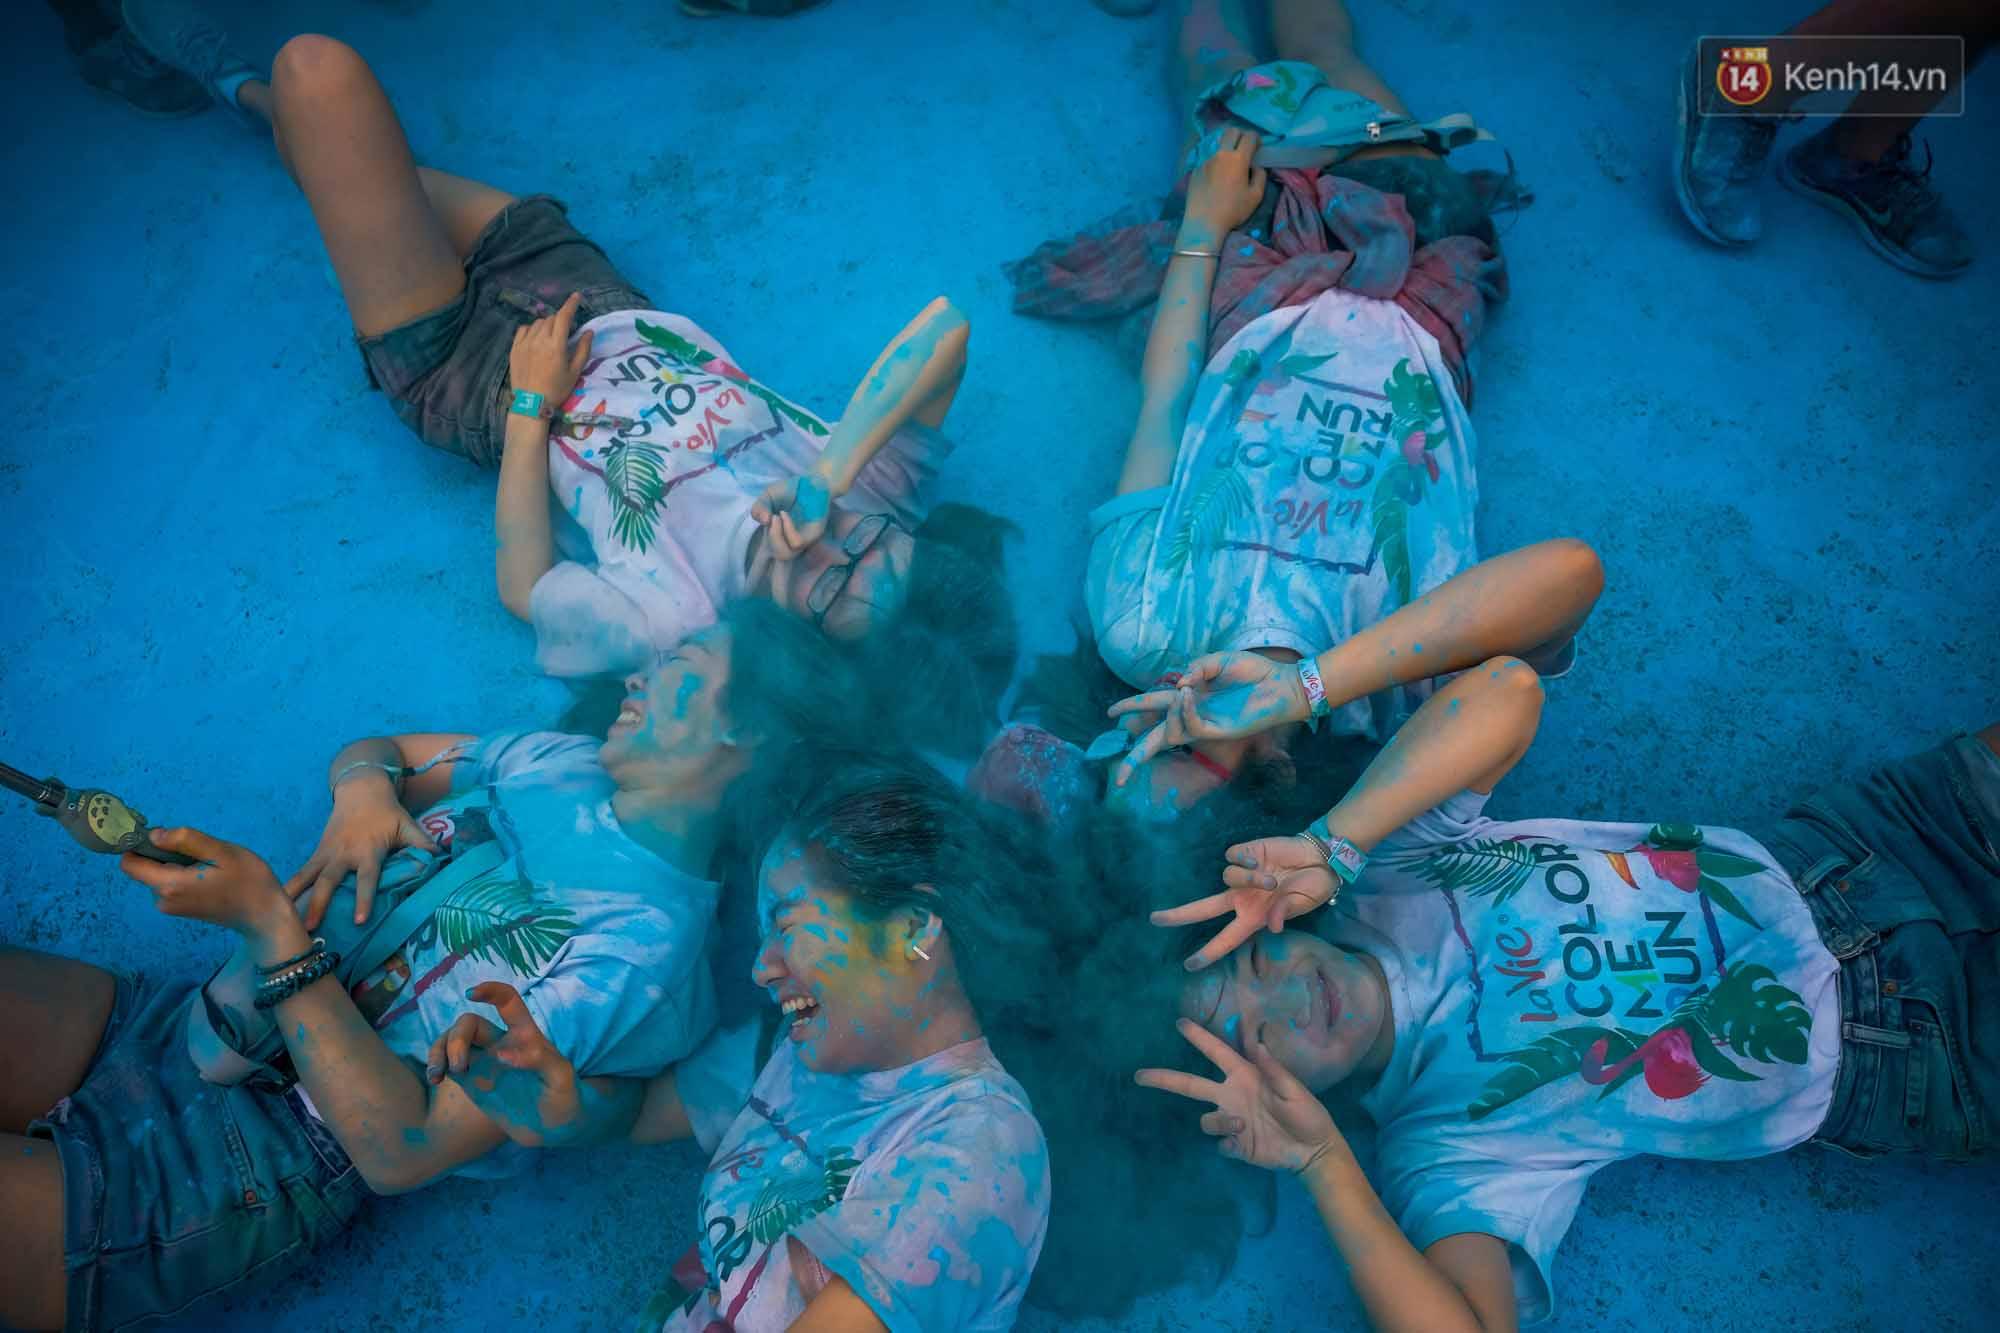 Những khoảnh khắc chứng minh đi Color Me Run lúc nào cũng vui và được quẩy hết mình! - Ảnh 12.